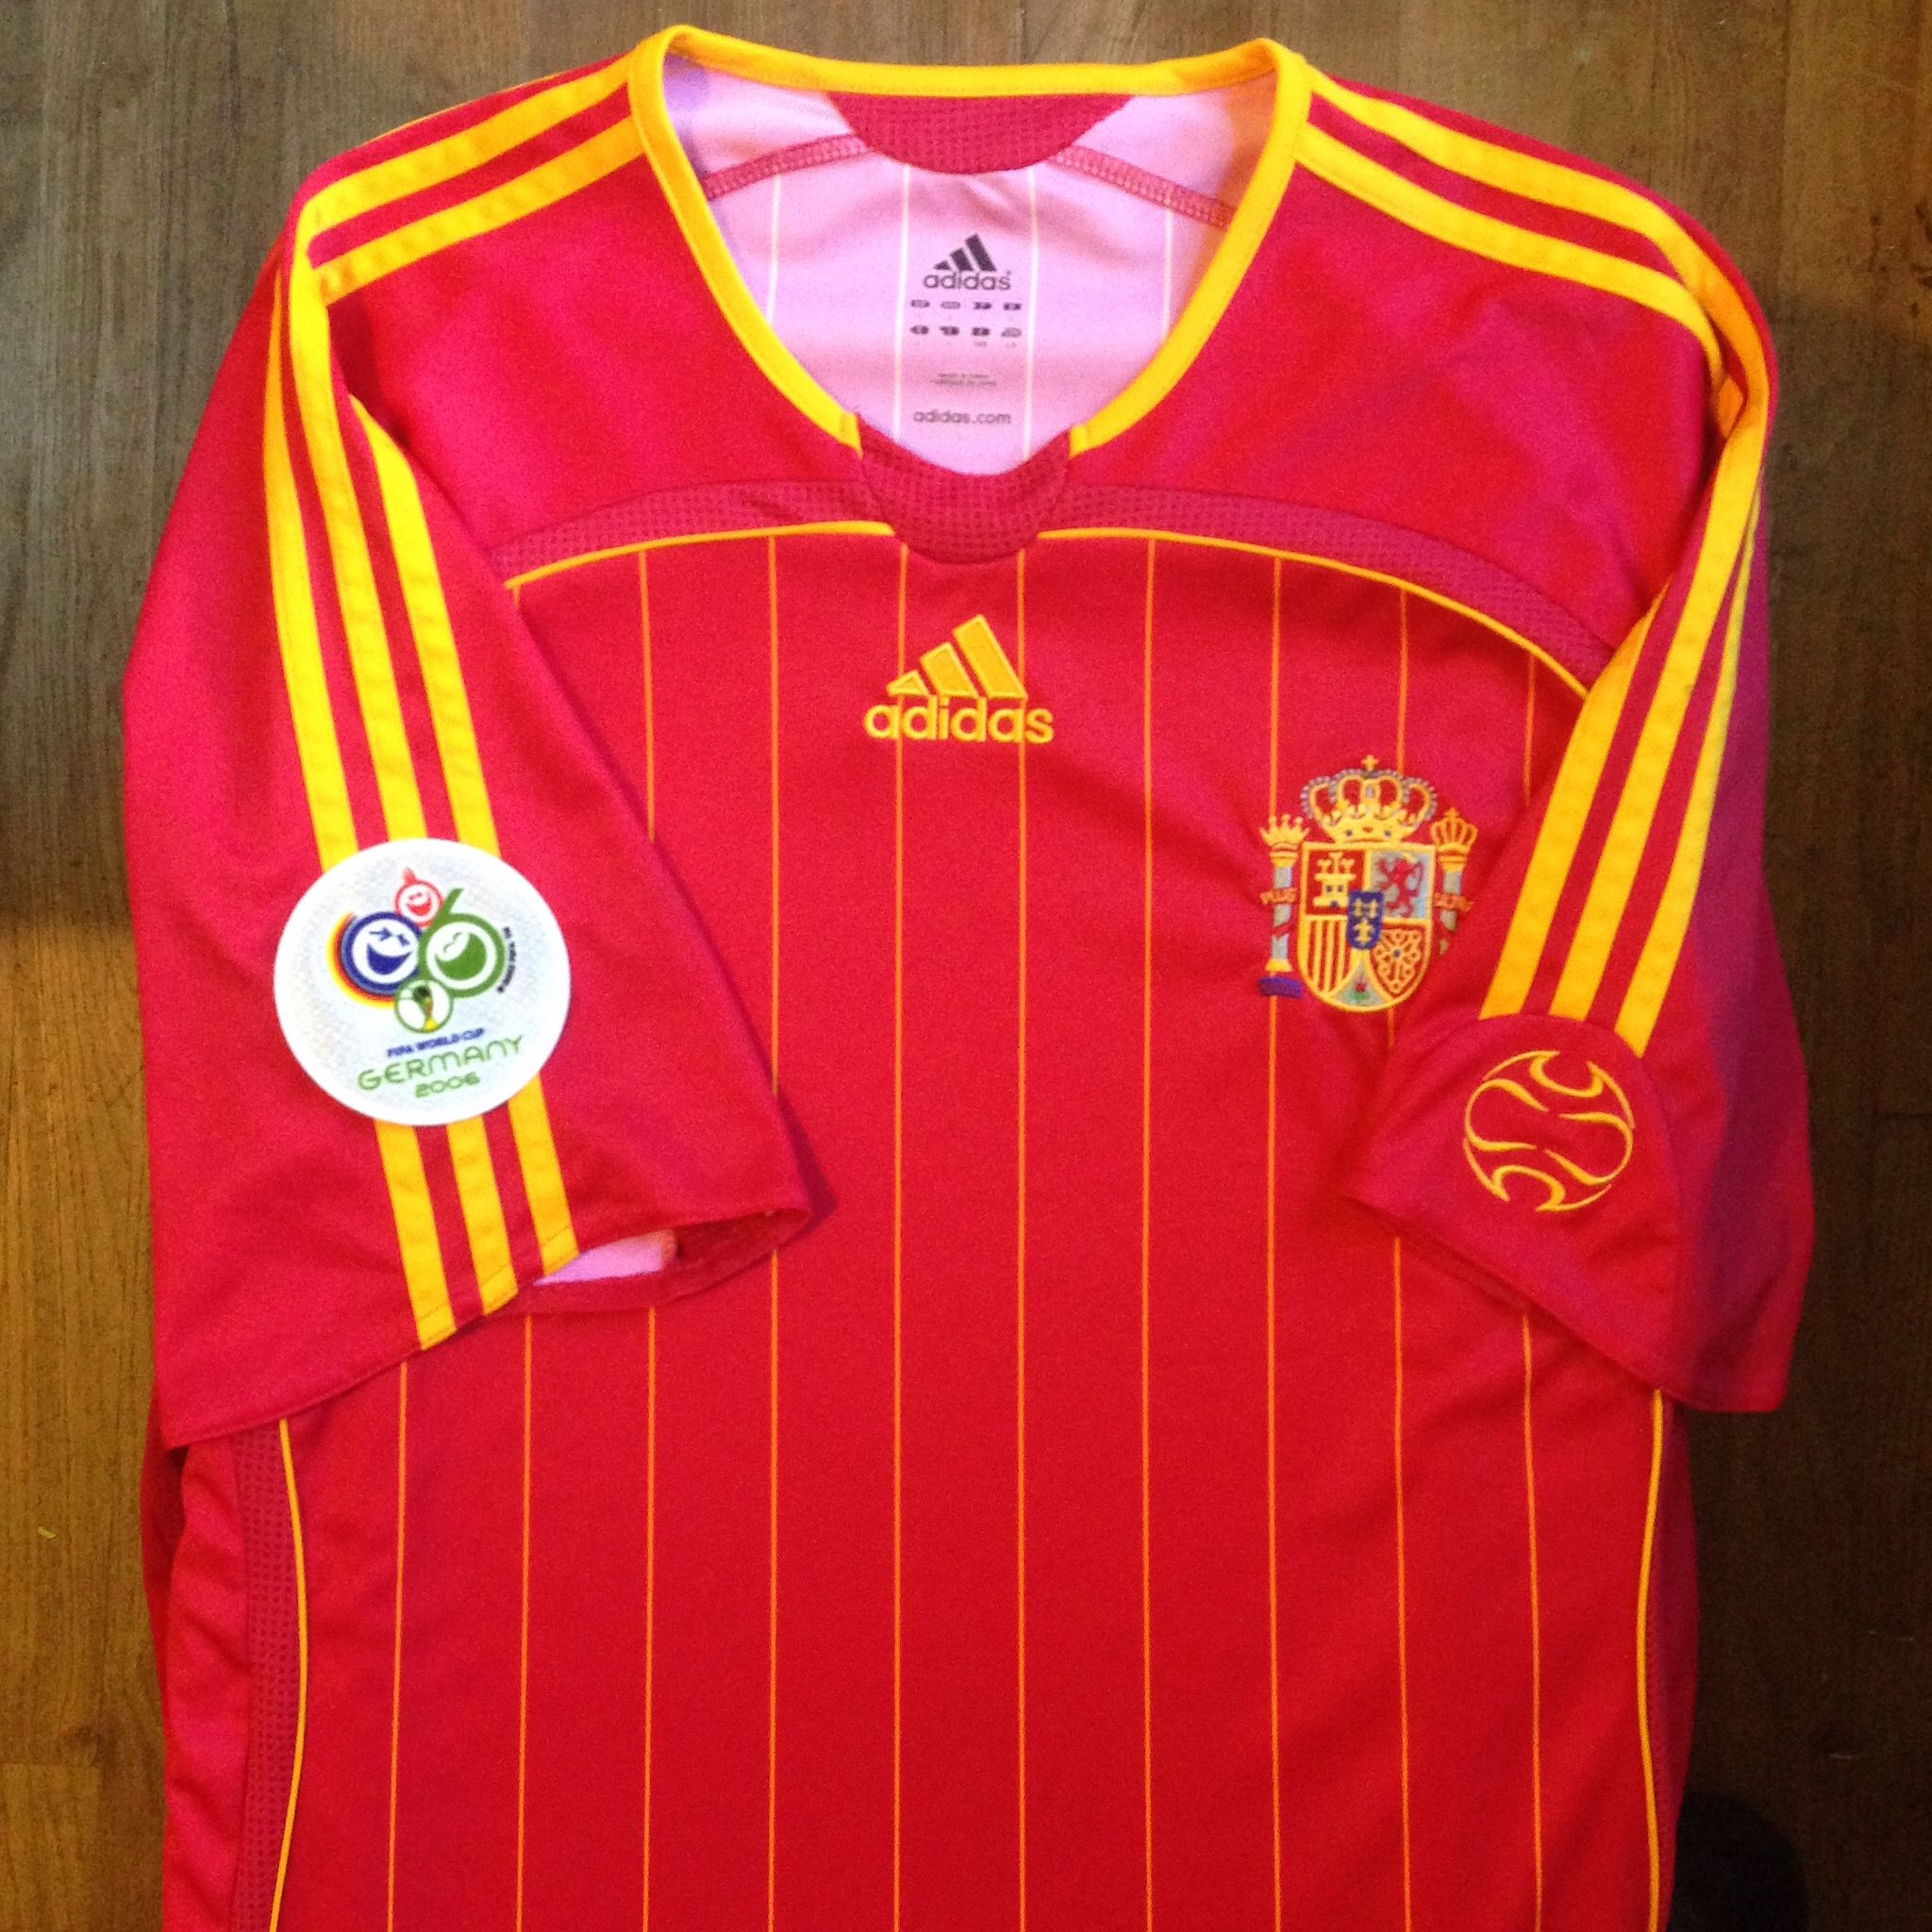 e8814033503 Football · Futbol · 2006 Germany FIFA World Cup Spain Home Jersey //  Primera Equipación de la Selección Española